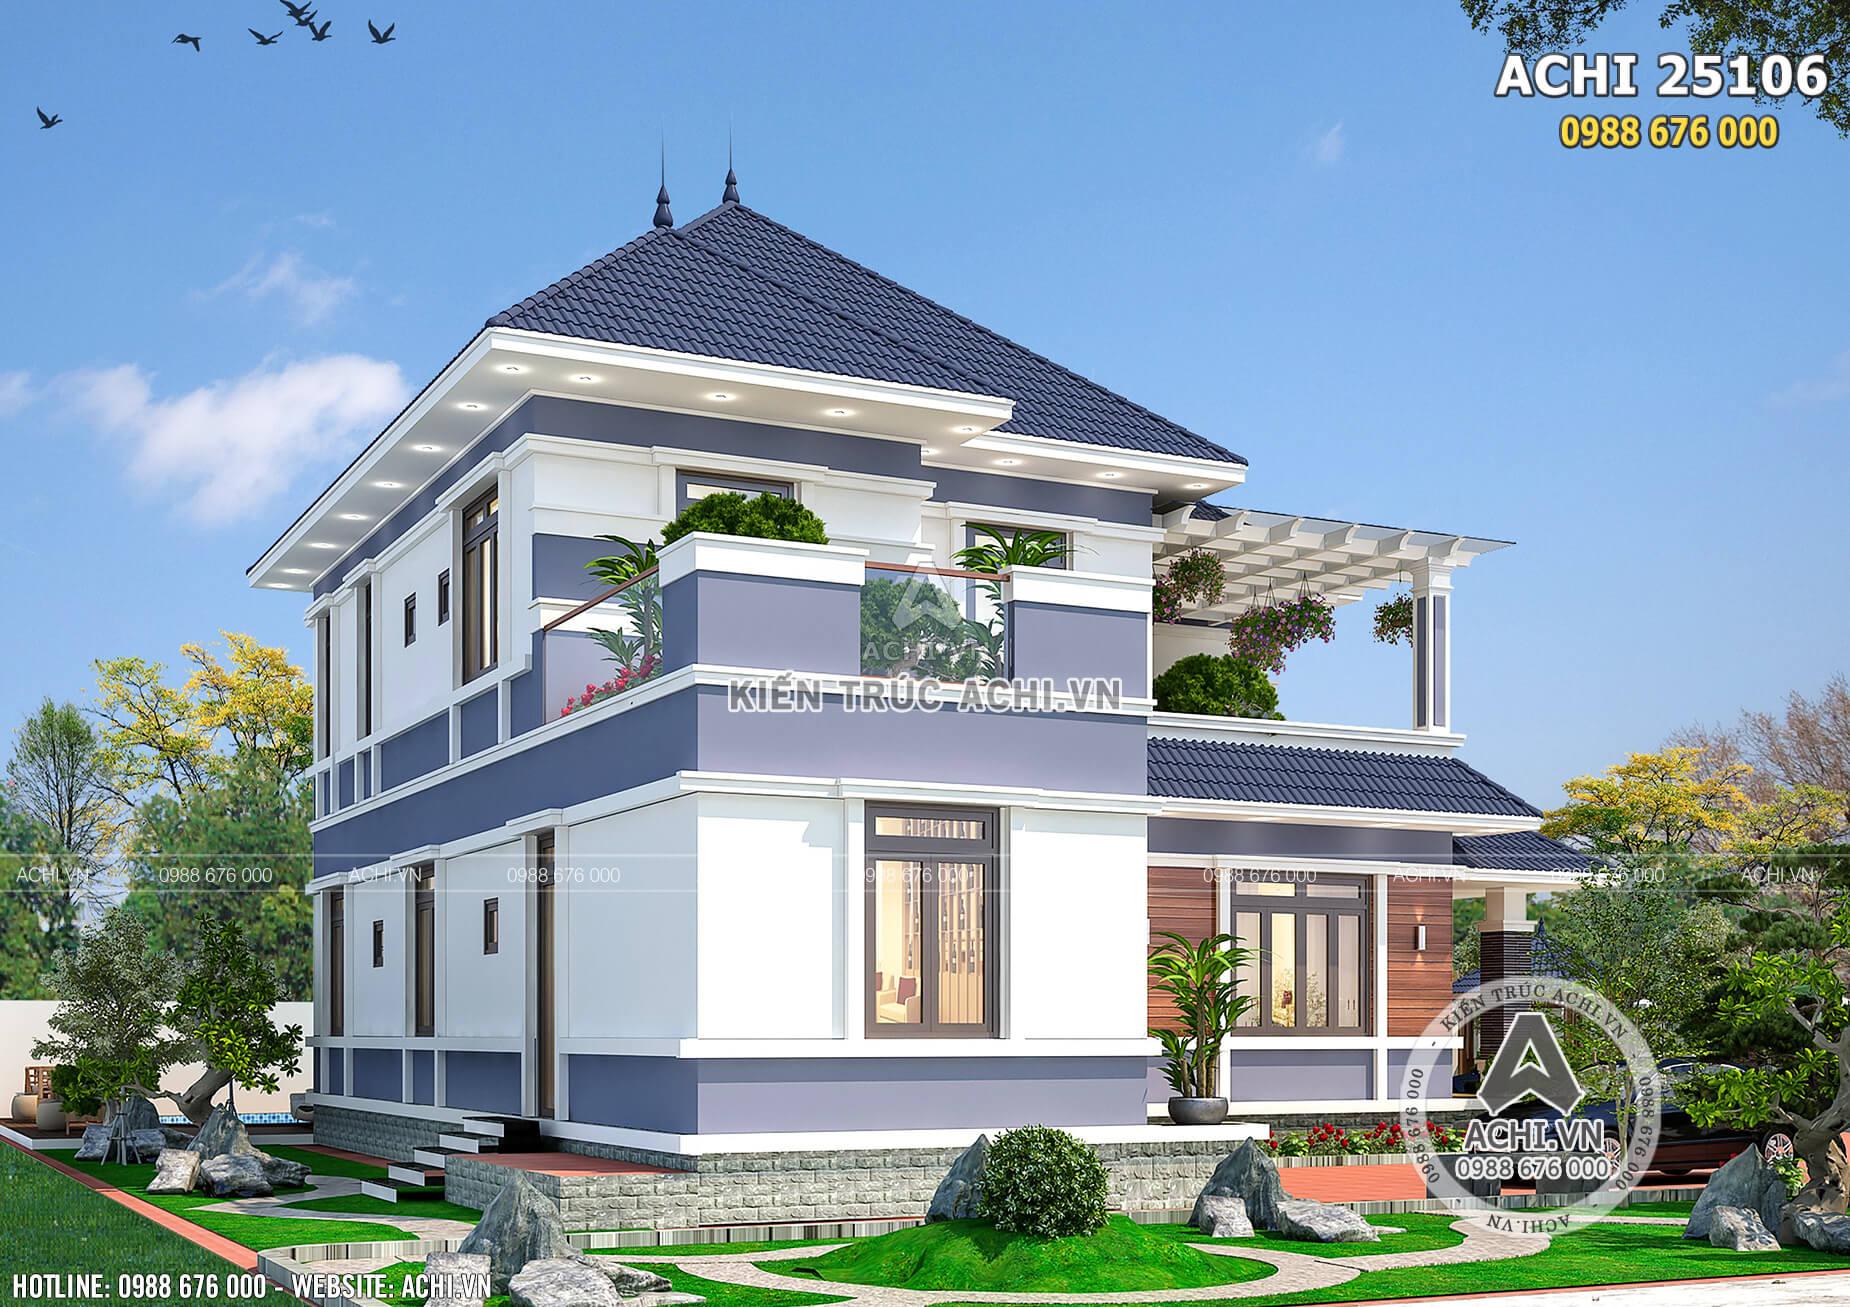 Môt góc view của mẫu thiết kế nhà mái nhật độc đáo và ấn tượng